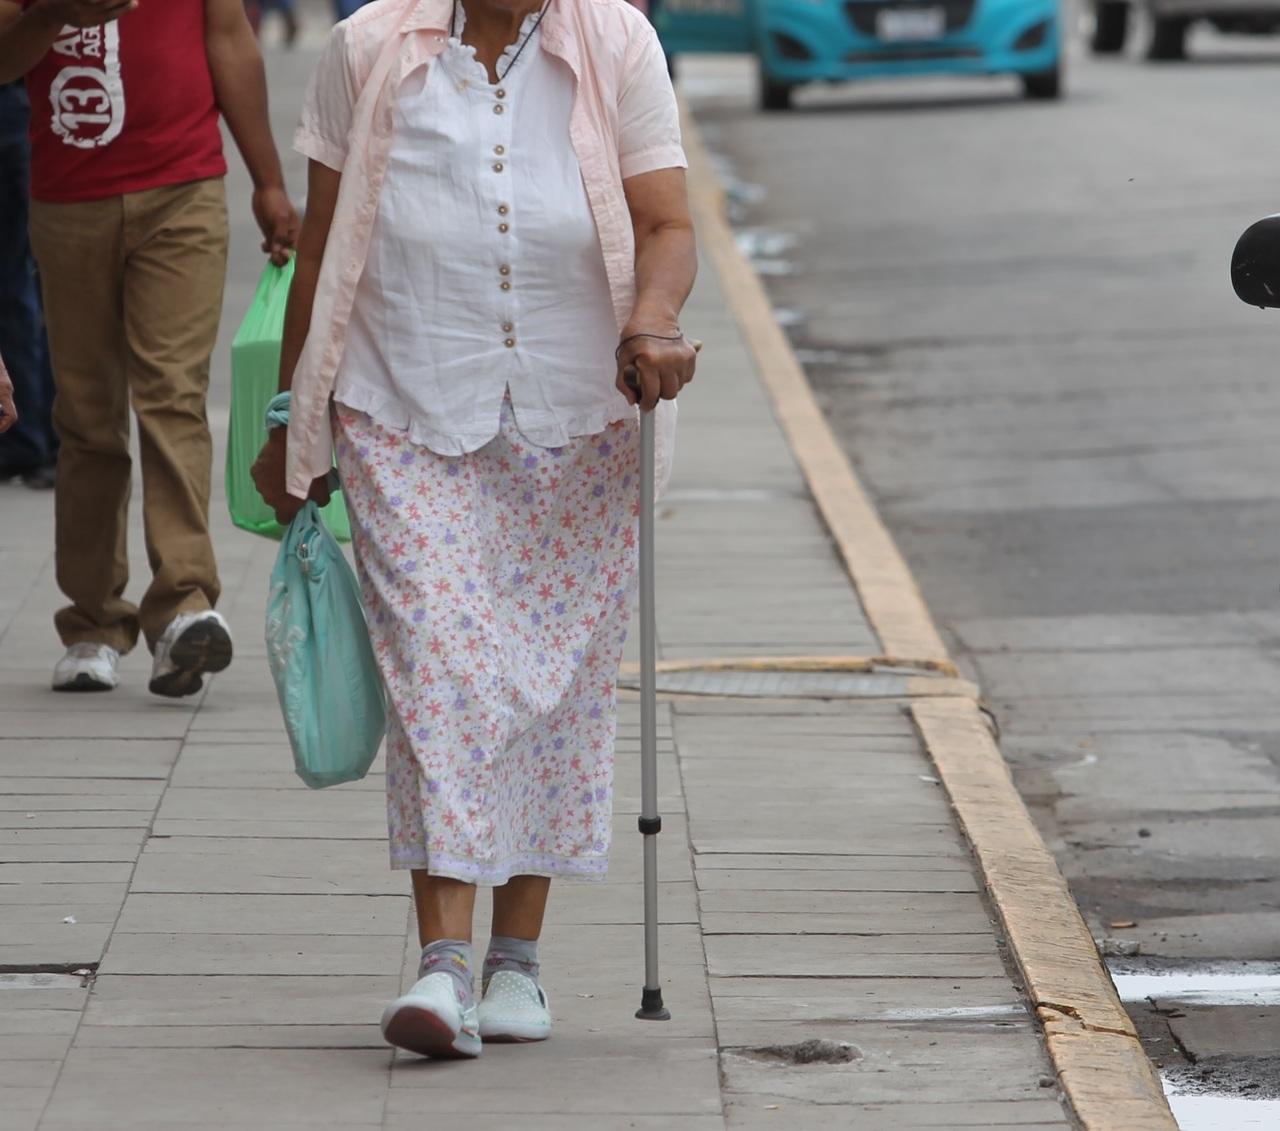 Al 59%, entrega de la pensión de adultos mayores